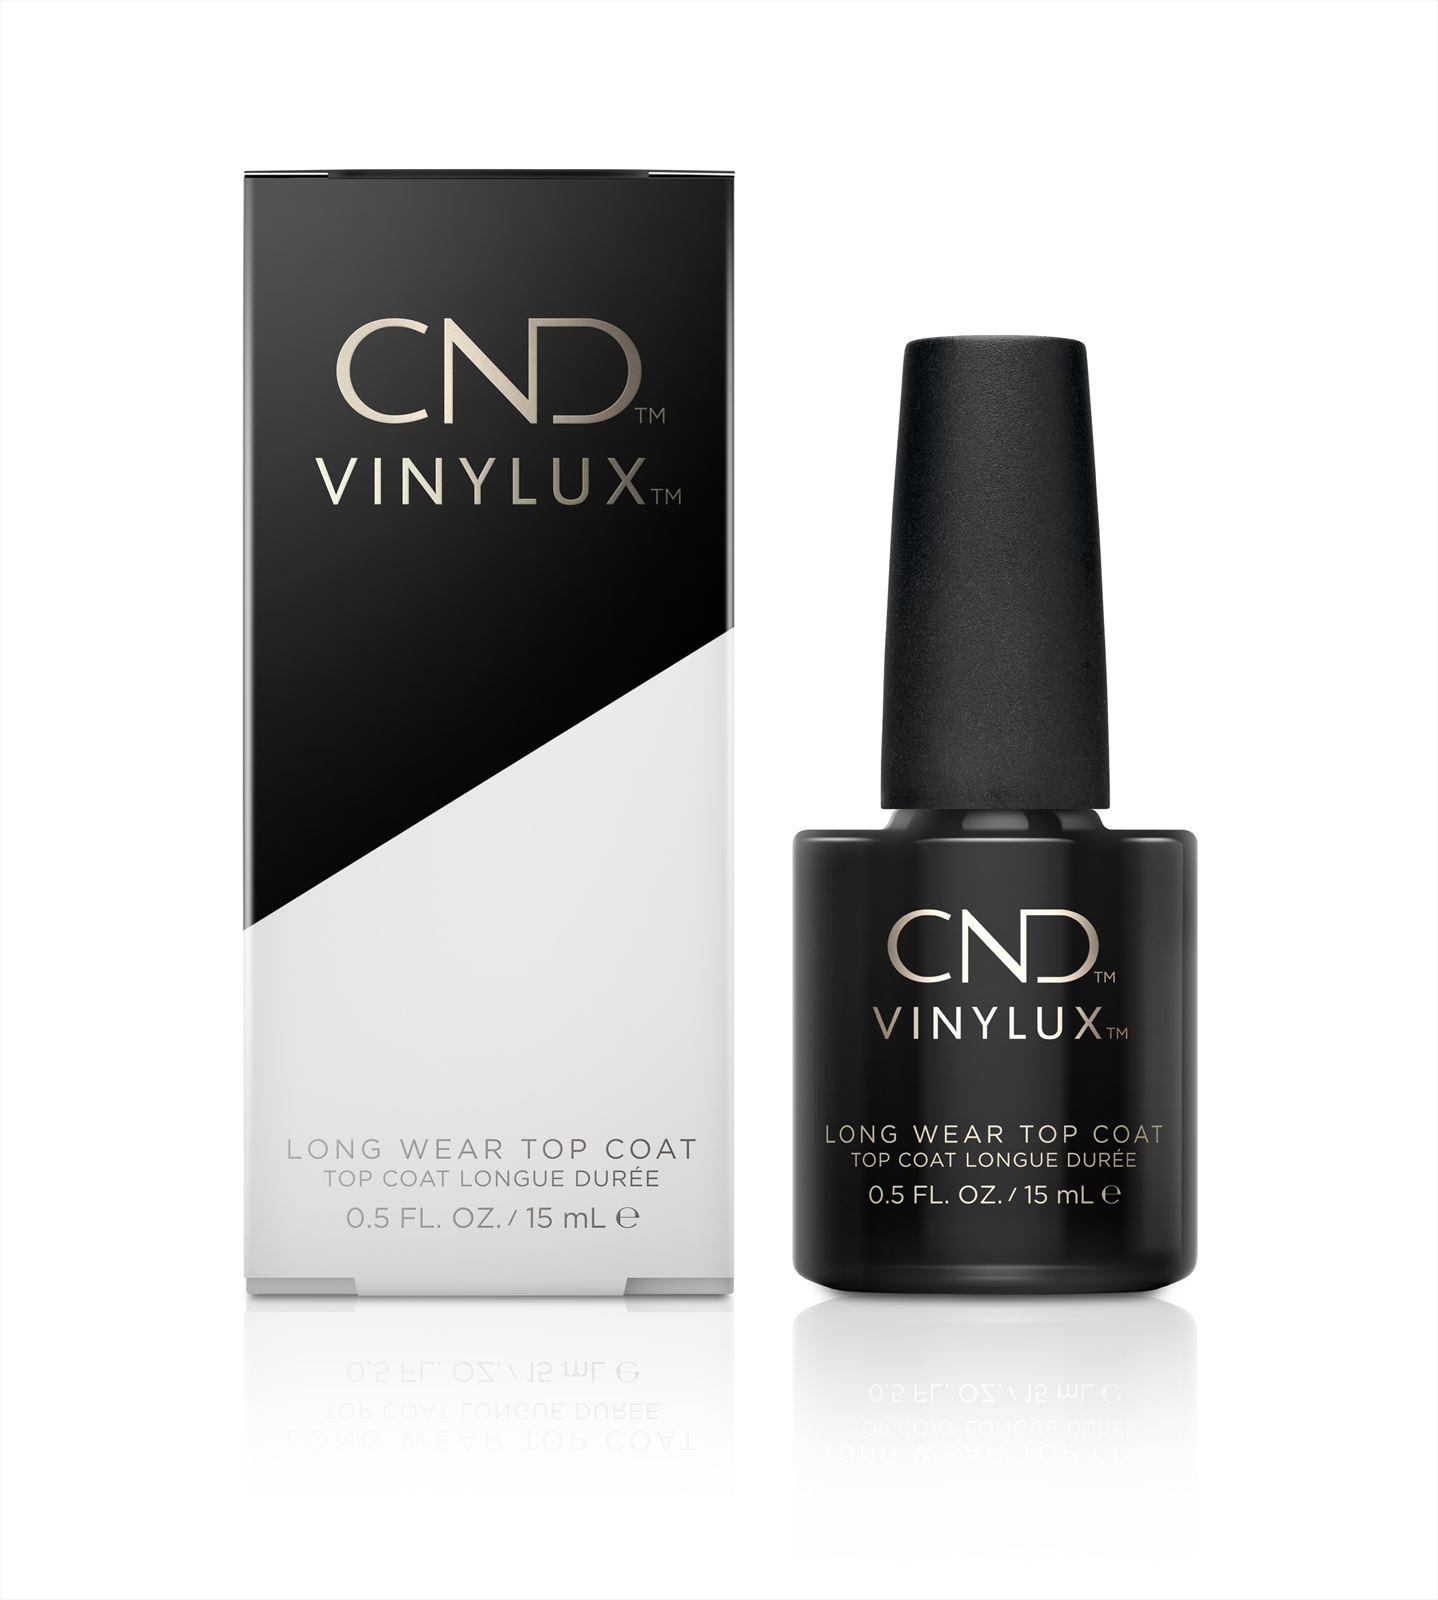 Afbeelding van CND ™ Vinylux ™ Longwear Topcoat